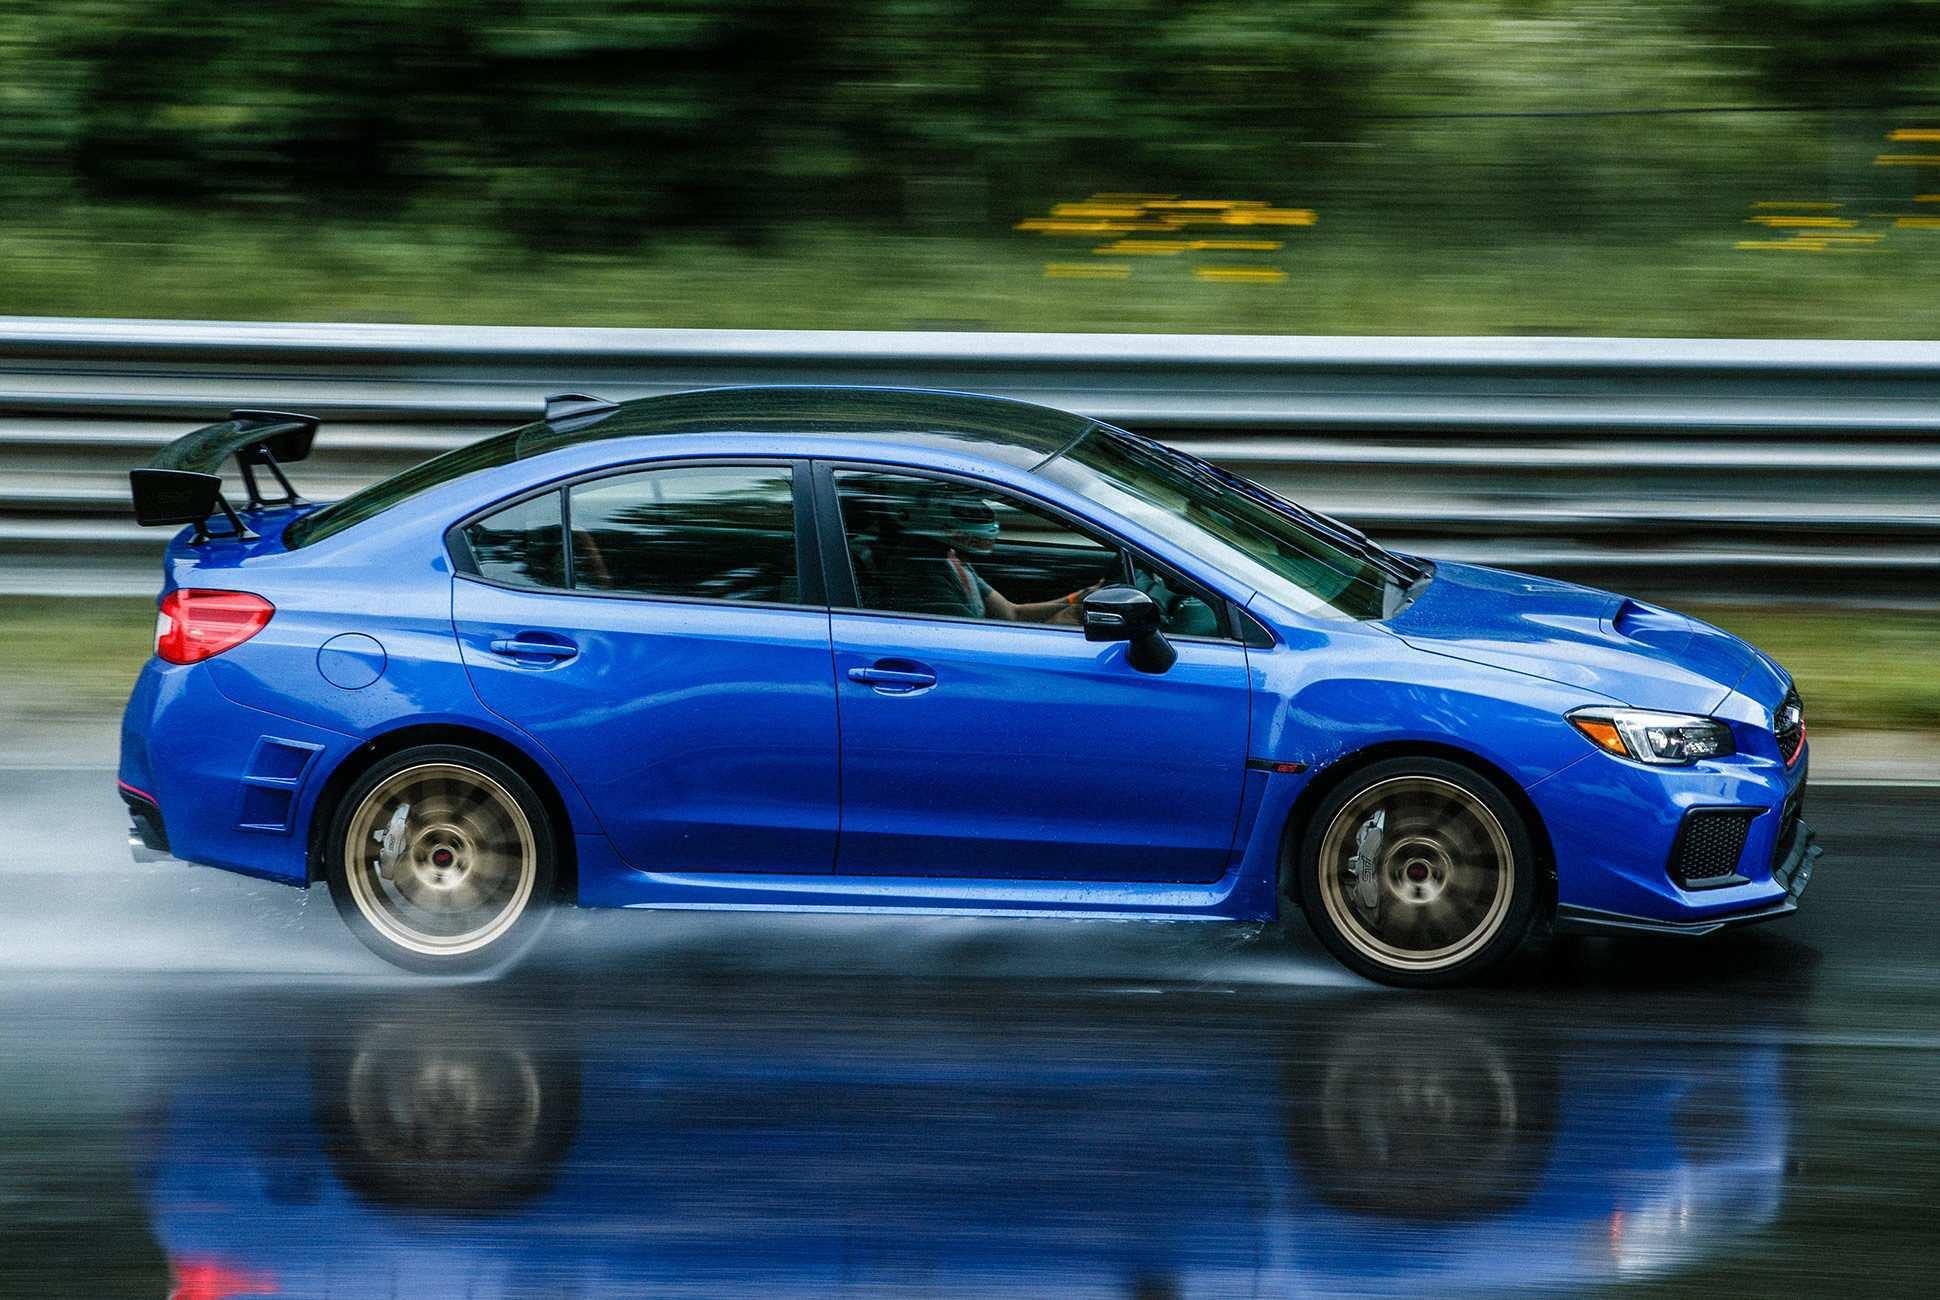 51 Great 2019 Subaru Sti Review Spesification with 2019 Subaru Sti Review